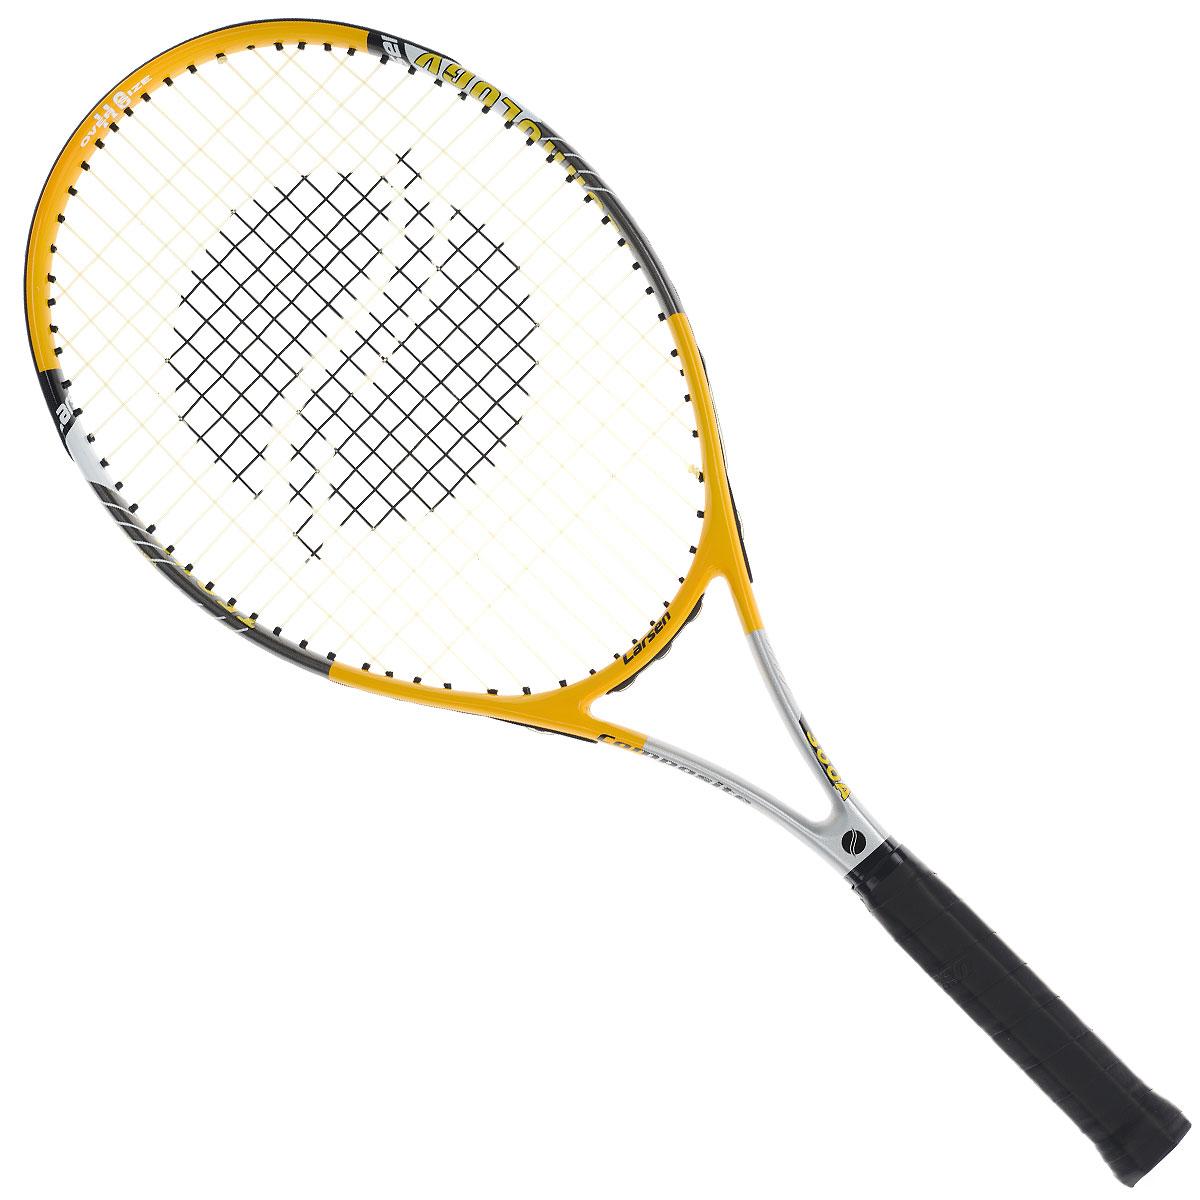 Ракетка для большого тенниса Larsen 300A332515-2800Ракетка для большого тенниса Larsen 300A предназначена для начинающих игроков и любителей. Удобная, не скользящая в руках ручка даст вам особый контроль над ракеткой. Благодаря материалу из которой изготовлена ракетка, игра с Larsen 300A доставит вам уйму удовольствия и подарит незабываемый опыт в большем теннисе. В комплект идет чехол для ракетки. Характеристики: Материал: алюминий, графит. Вес: 300 г +/-5 г. Длина: 27. Баланс: 315 мм +/-7,5 мм. Рекомендуемое натяжение: 47-52 lbs/21-24 кг. Размер упаковки: 73 см х 31 см х 3 см.